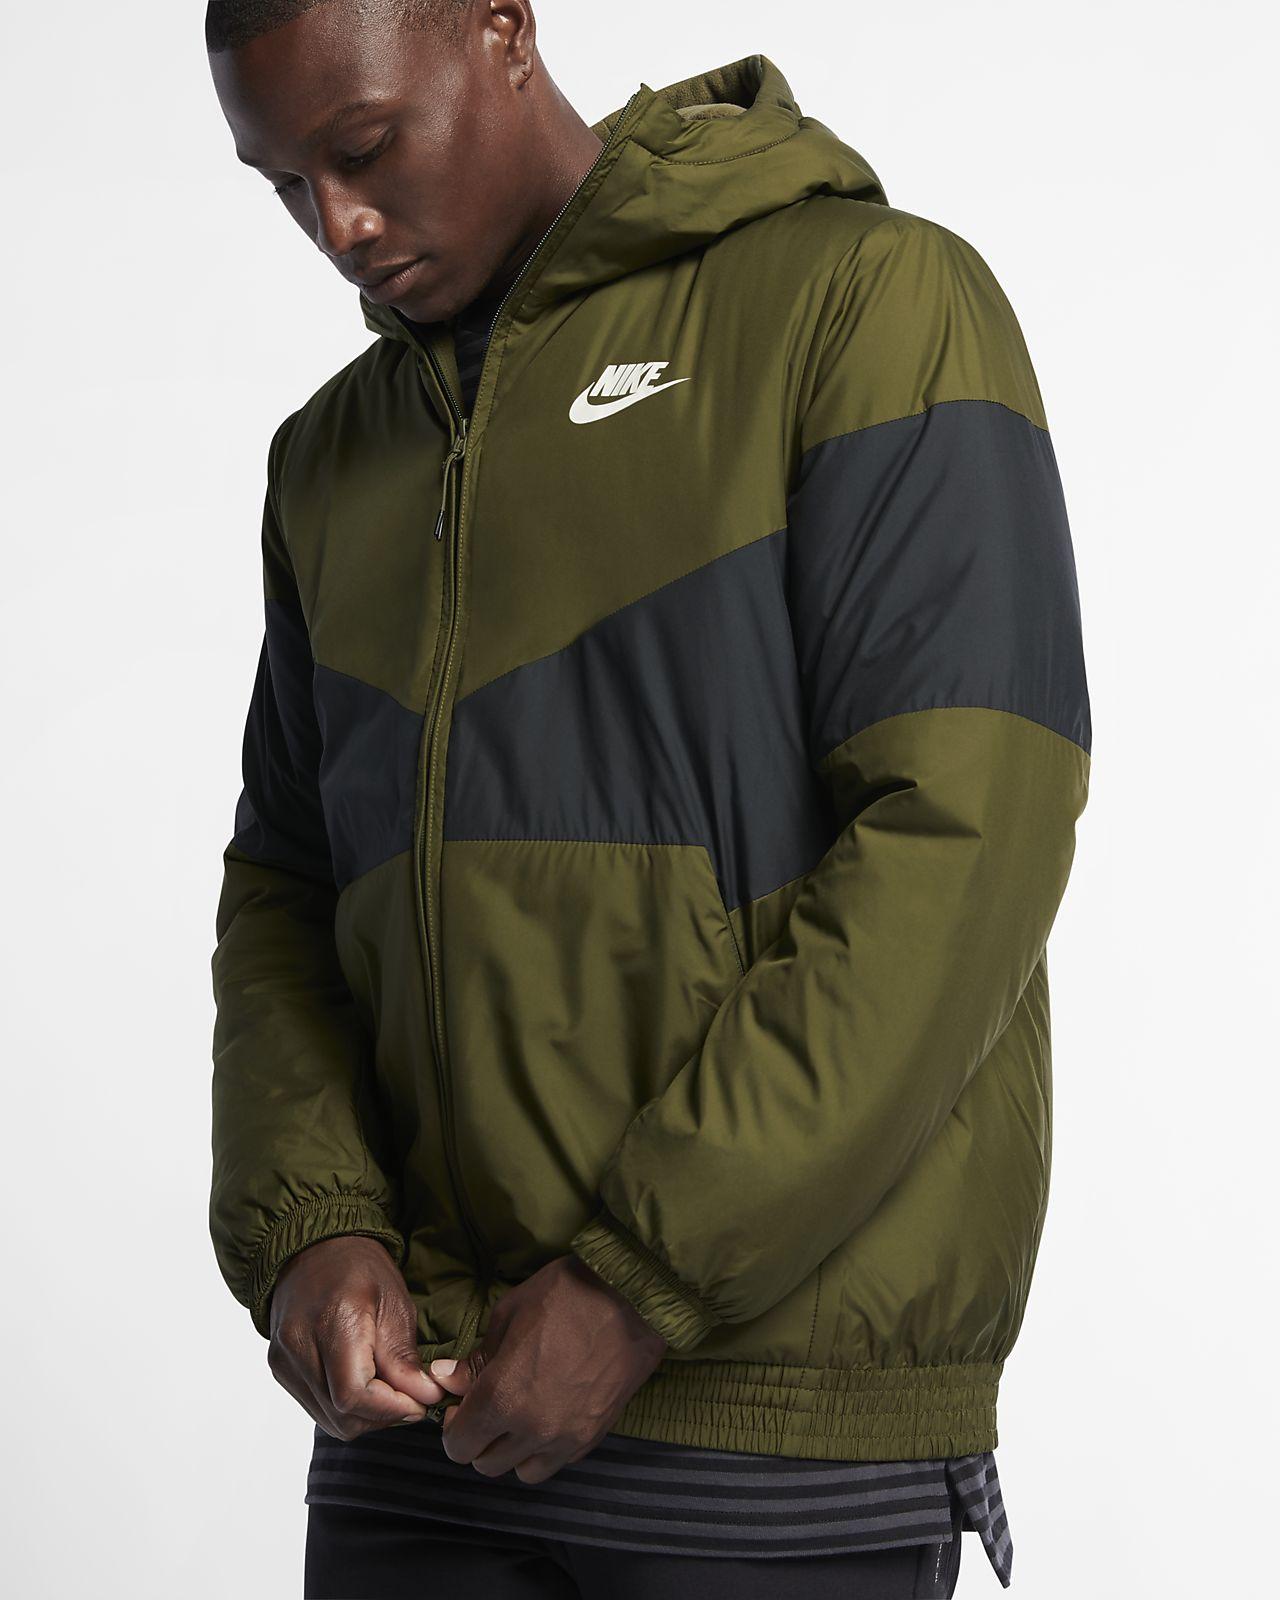 f0f4c4390ec5 Nike Sportswear Synthetic Fill Men s Hooded Jacket. Nike.com GB